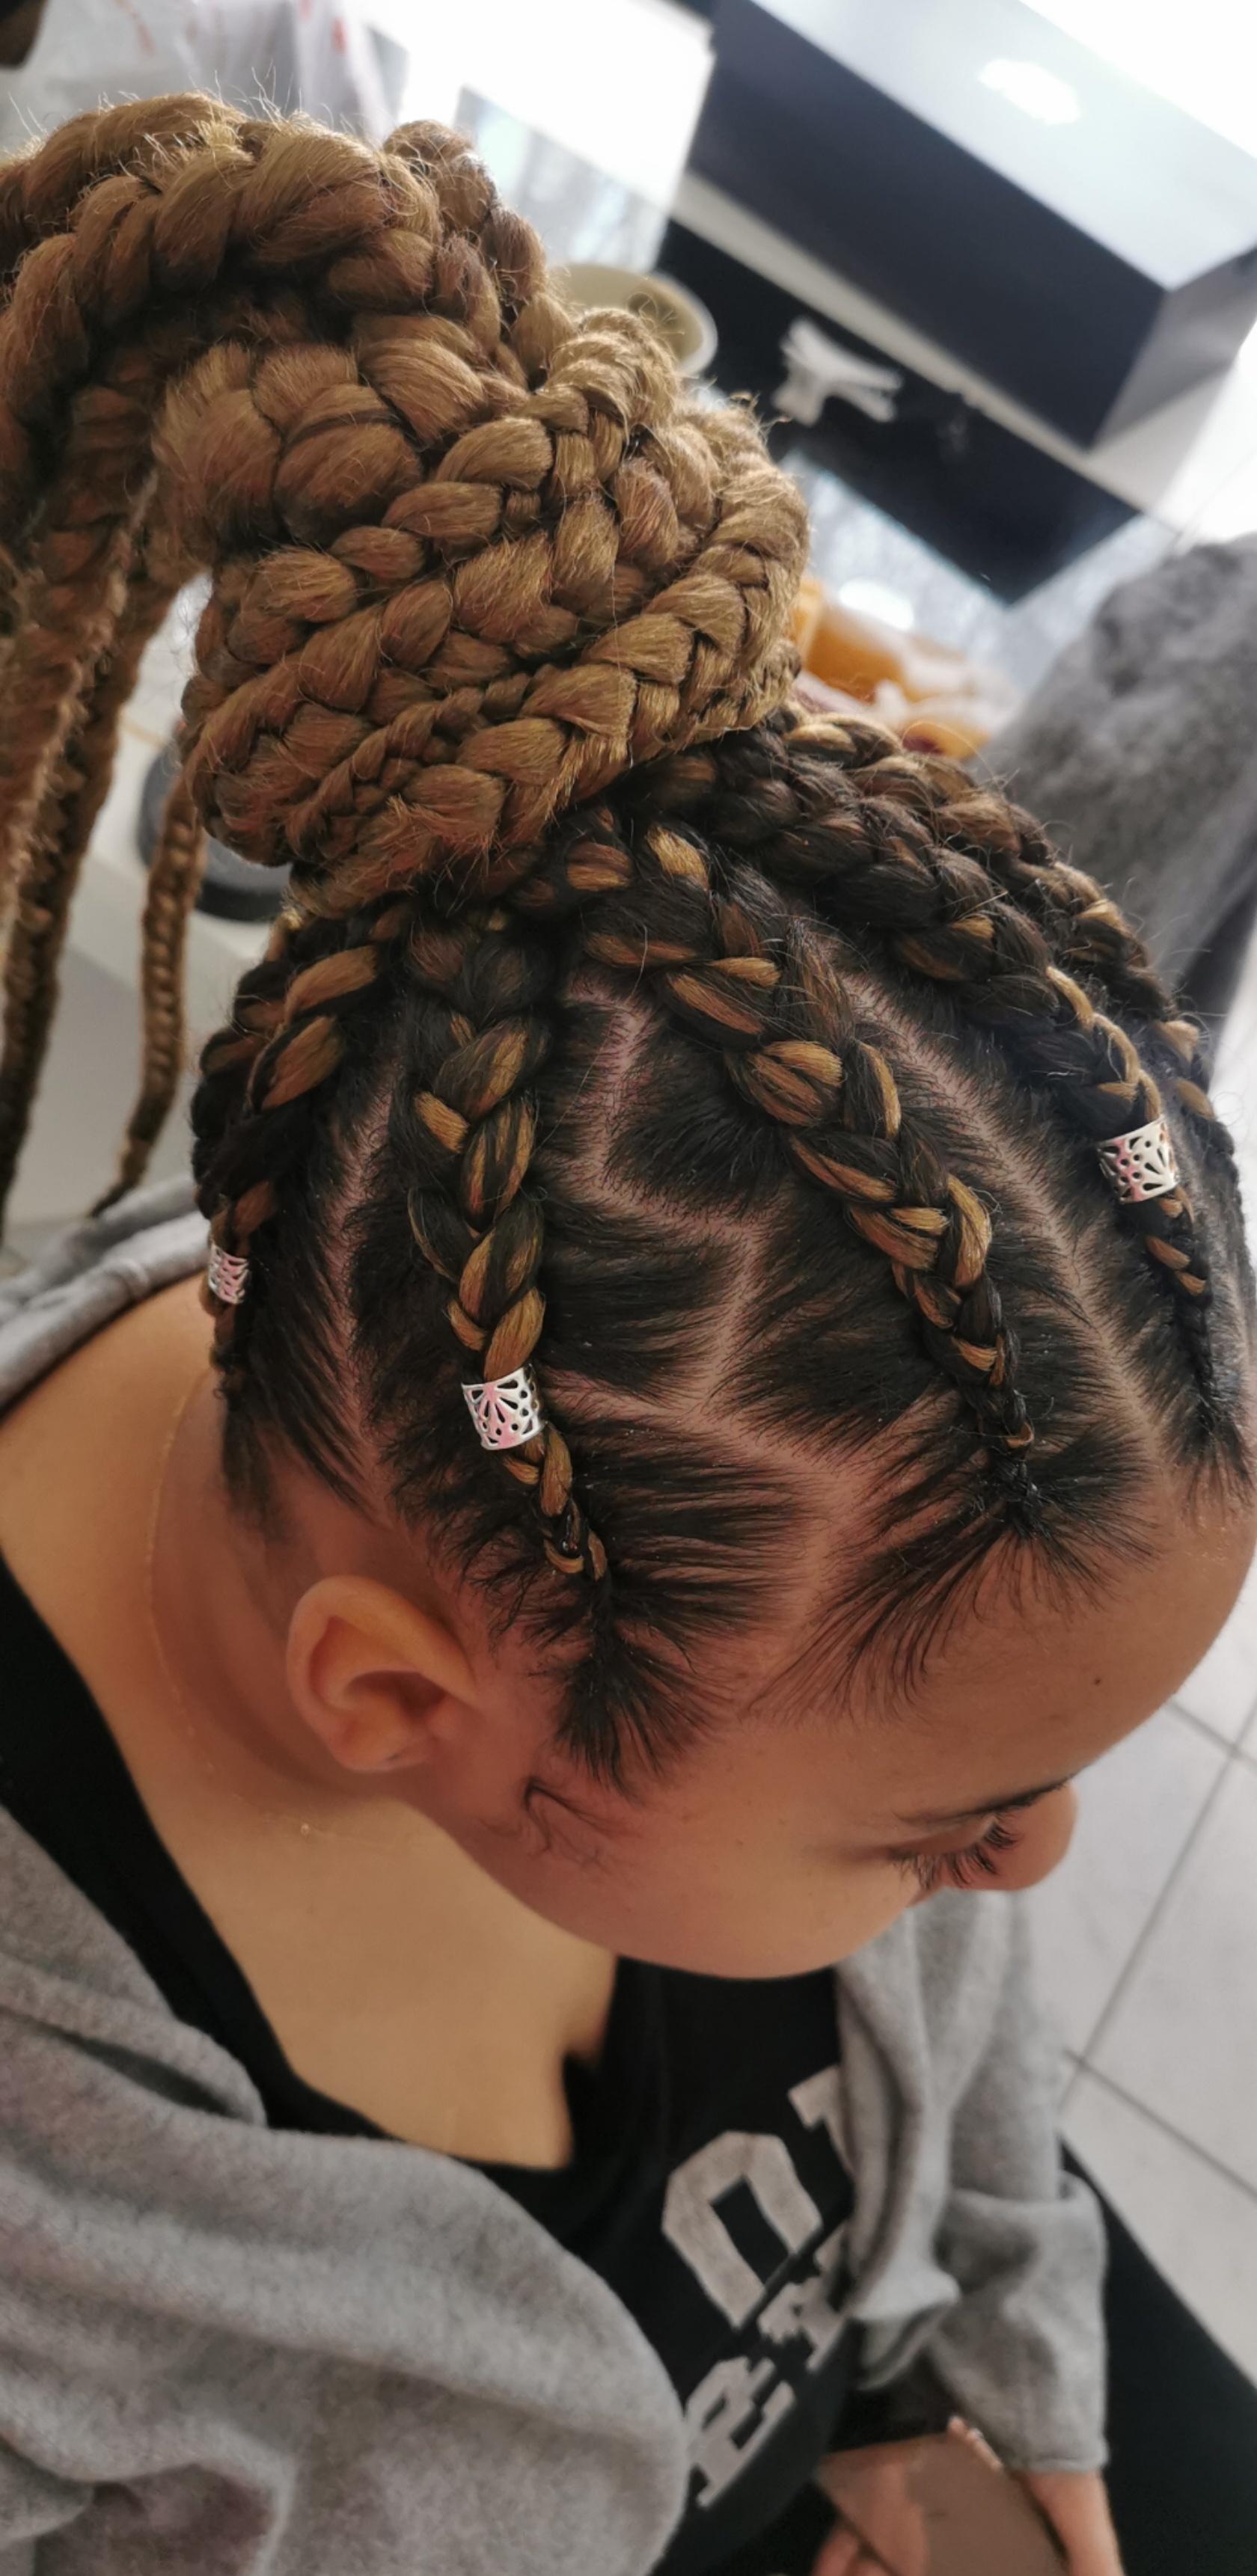 salon de coiffure afro tresse tresses box braids crochet braids vanilles tissages paris 75 77 78 91 92 93 94 95 LPLGKXKH